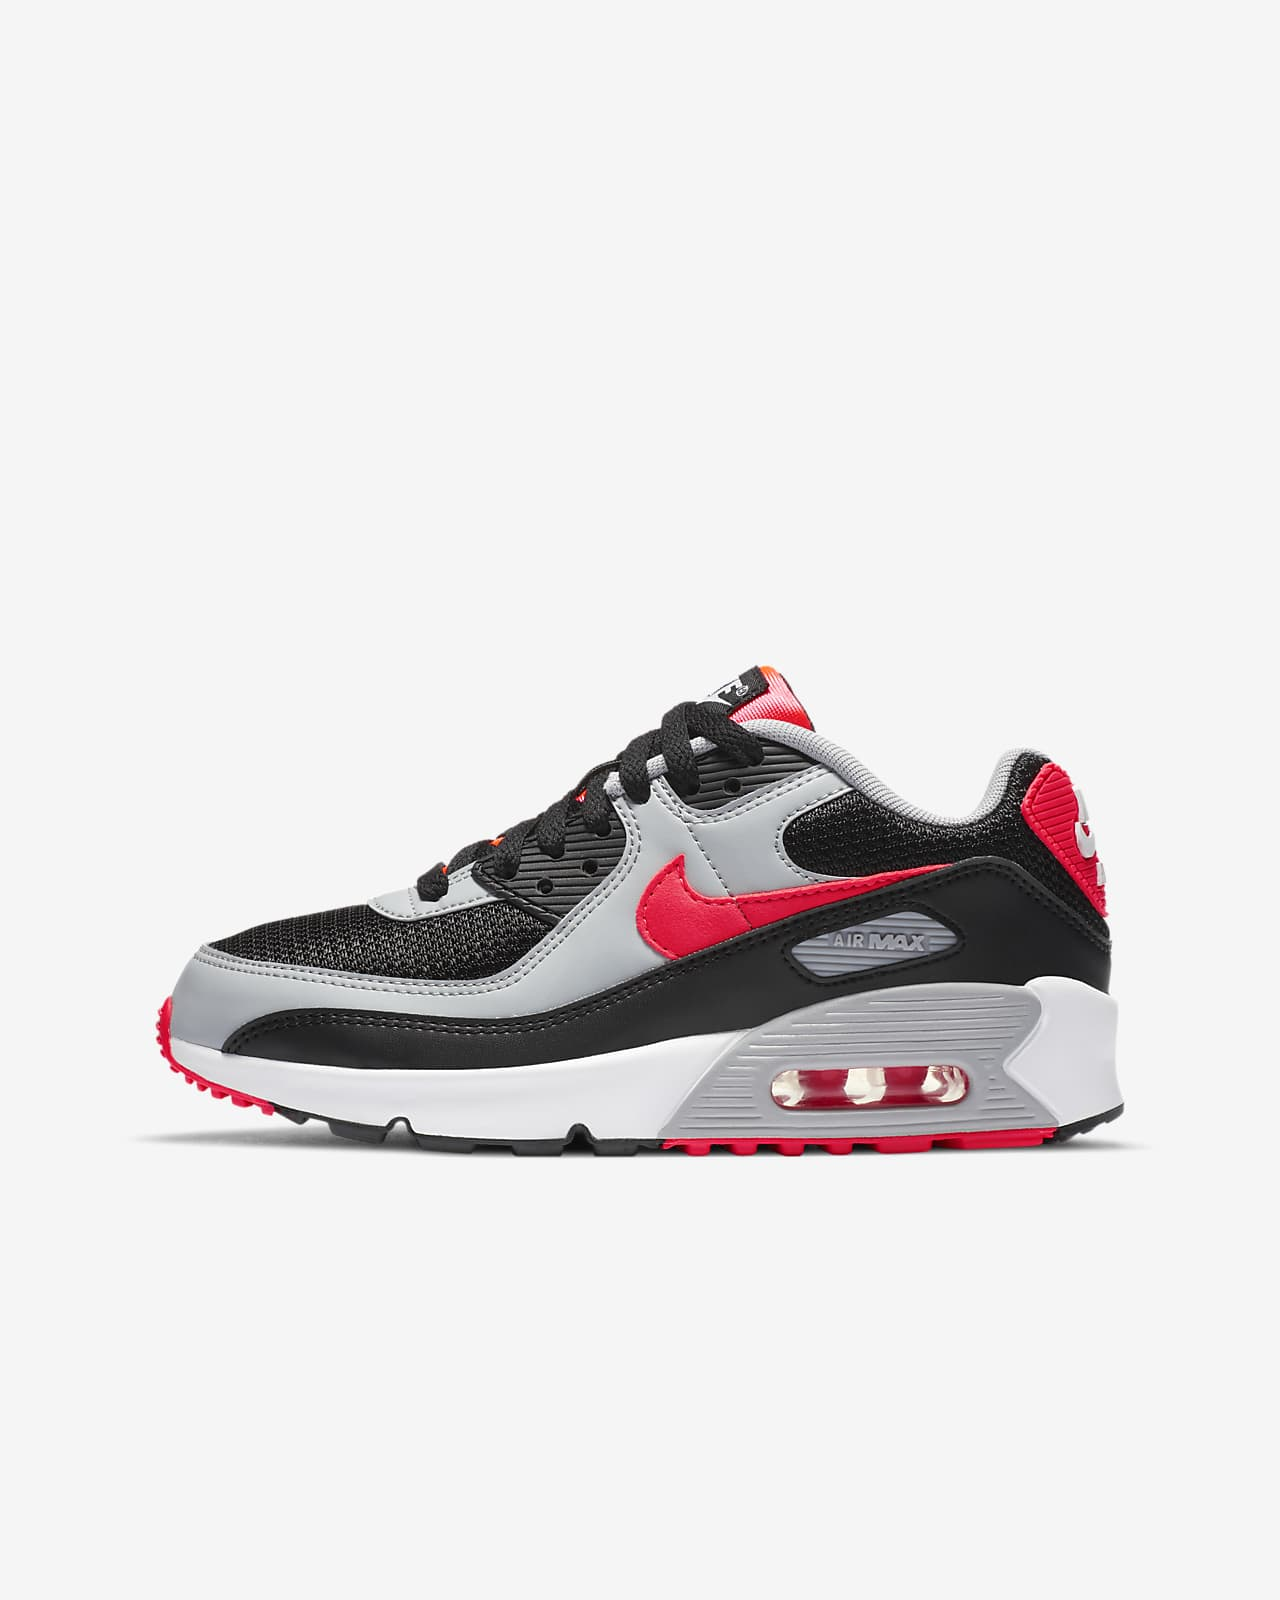 รองเท้าเด็กโต Nike Air Max 90 LTR